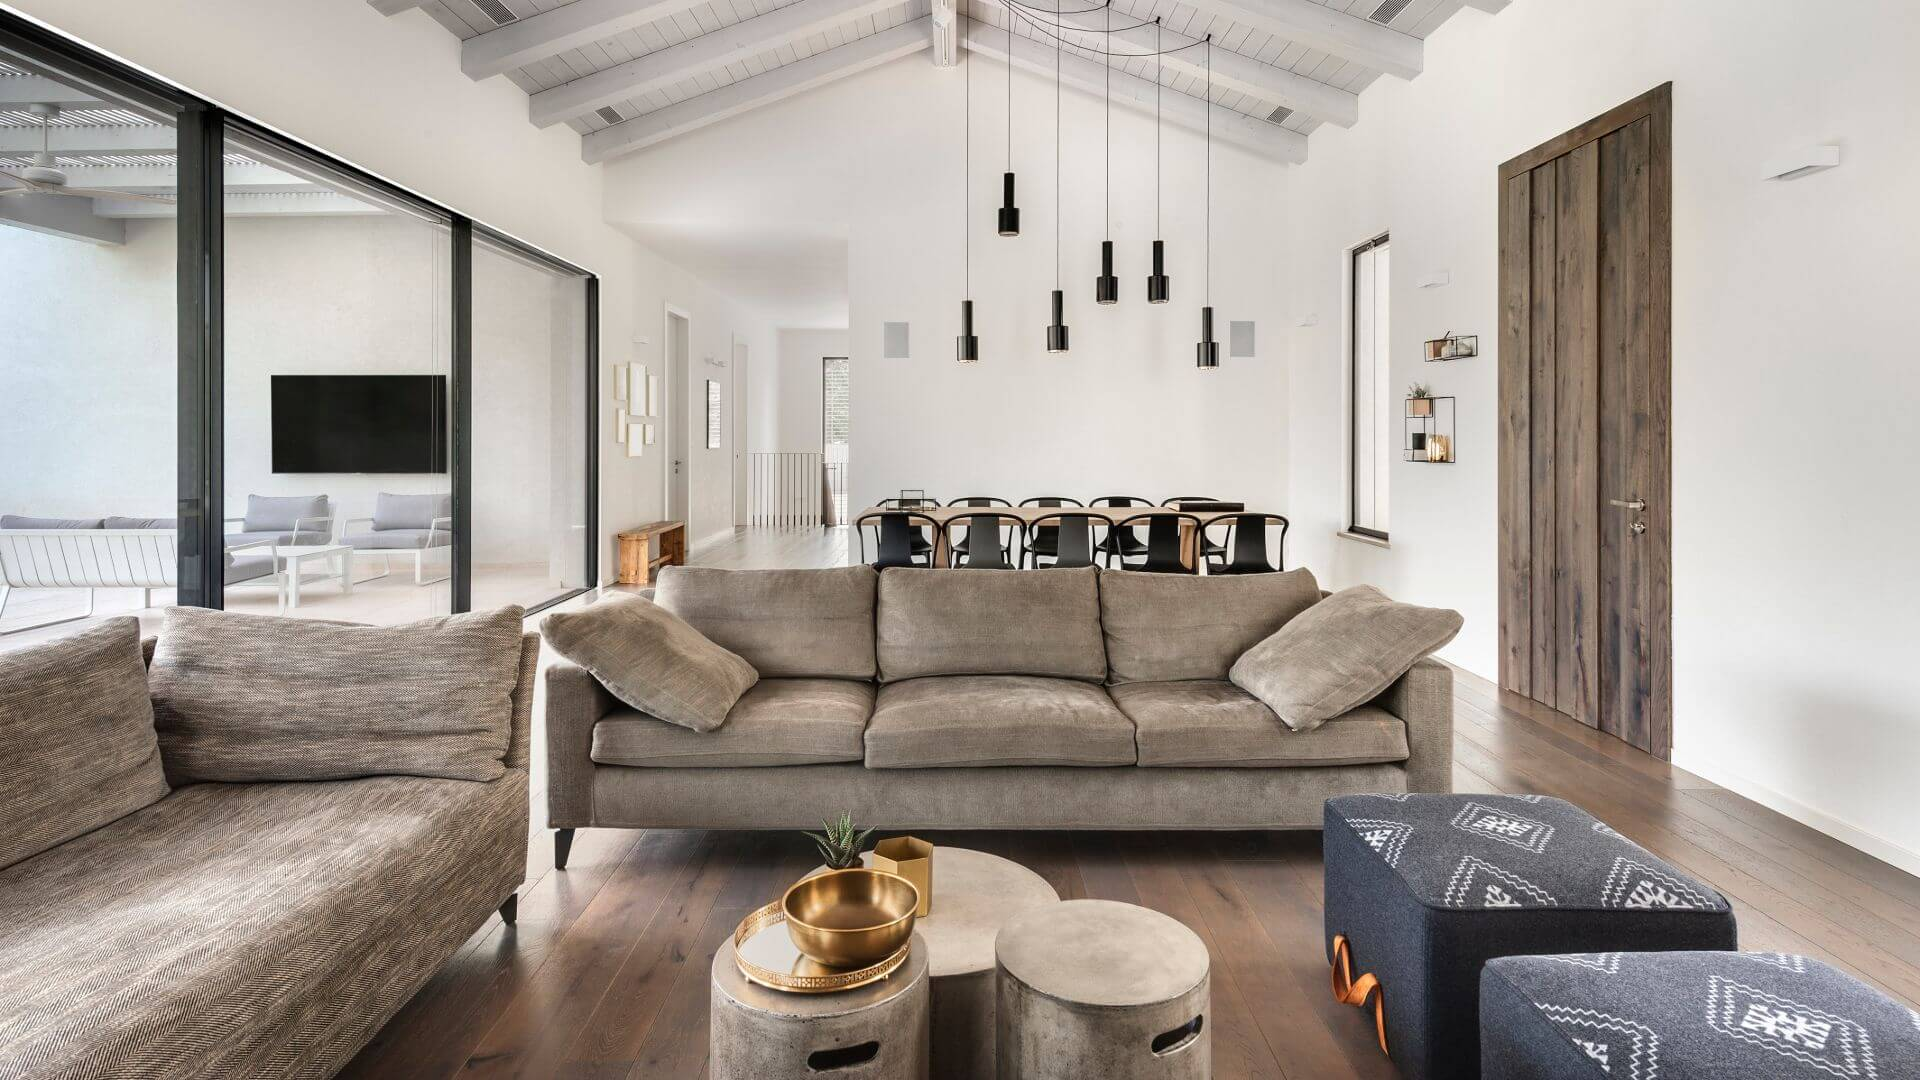 איך מעצבים סלון יוקרתי? כך תשיגו מראה יוקרתי ויפה לסלון שלכם